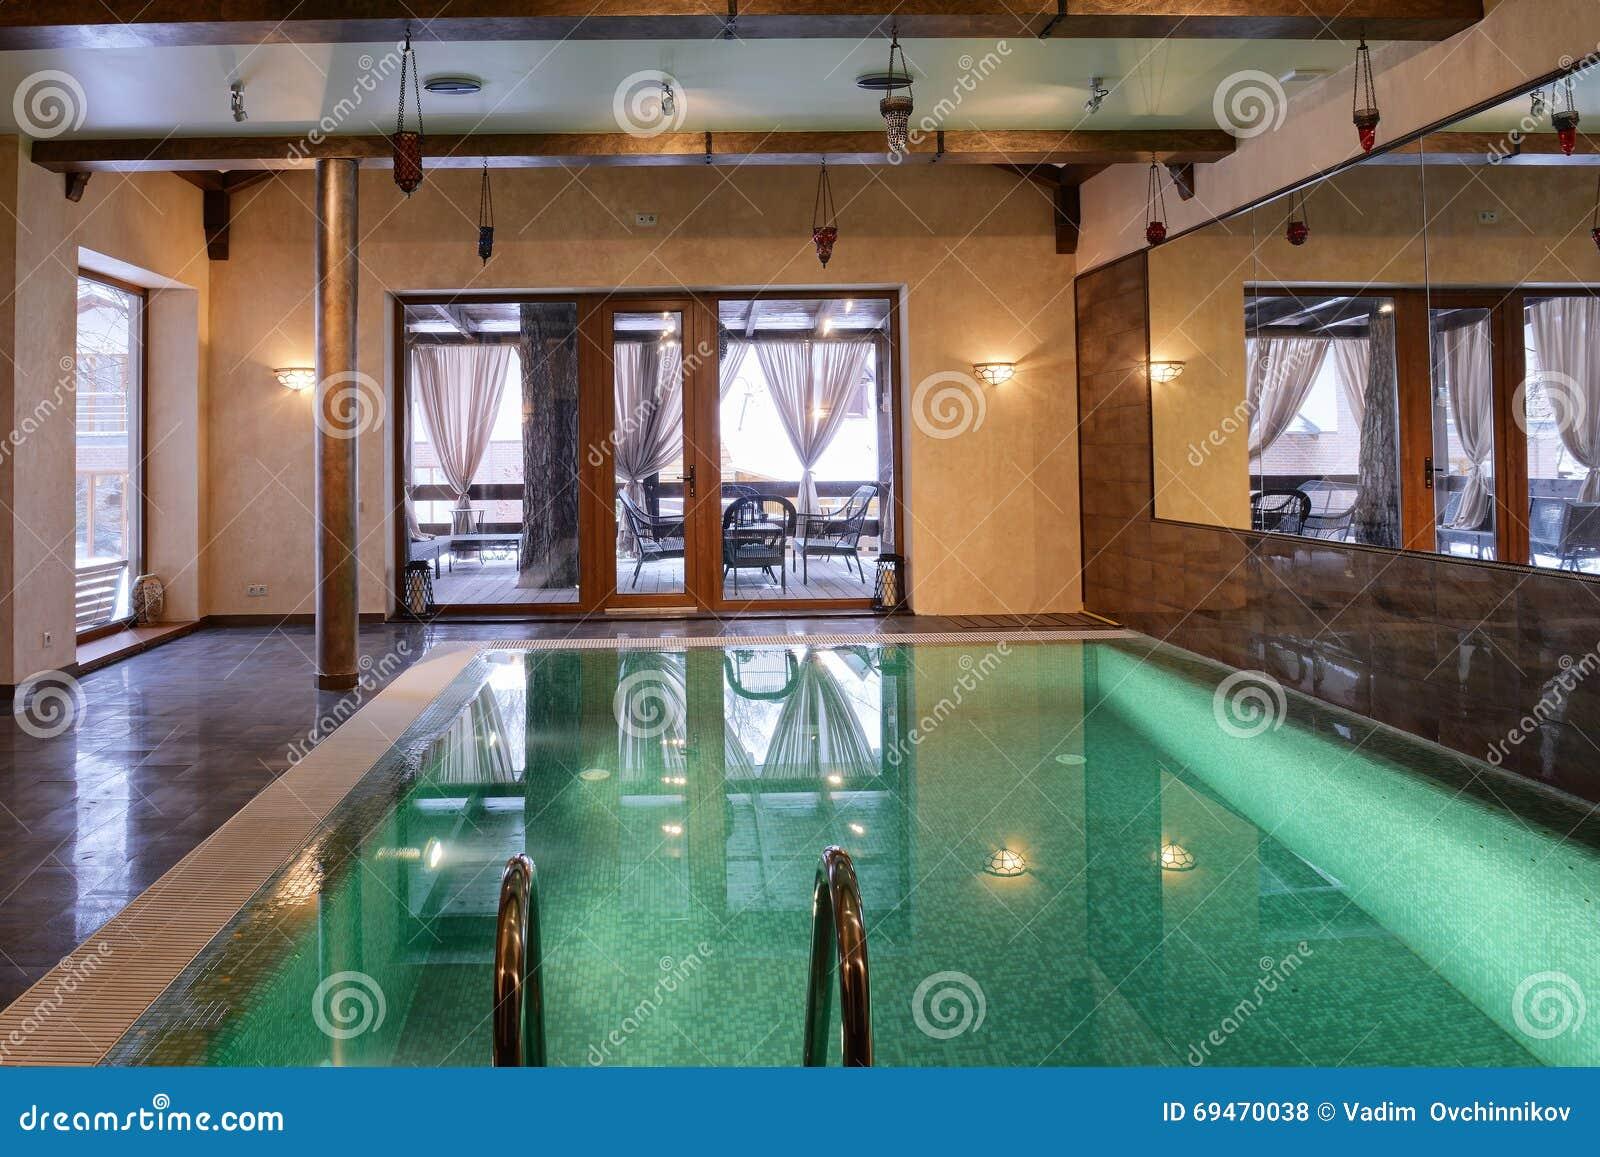 Piscina interior home foto de stock imagem de casa home 69470038 - Piscina interior casa ...